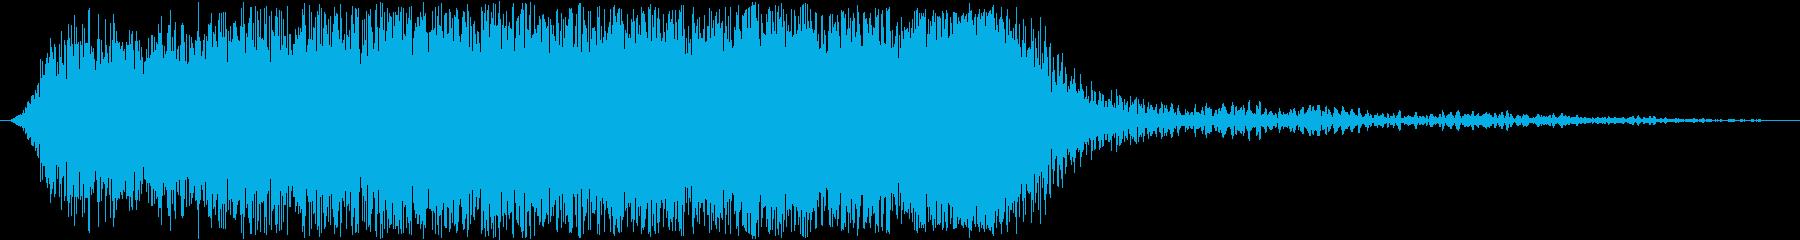 大型宇宙船:Ext:ワープドライブ...の再生済みの波形